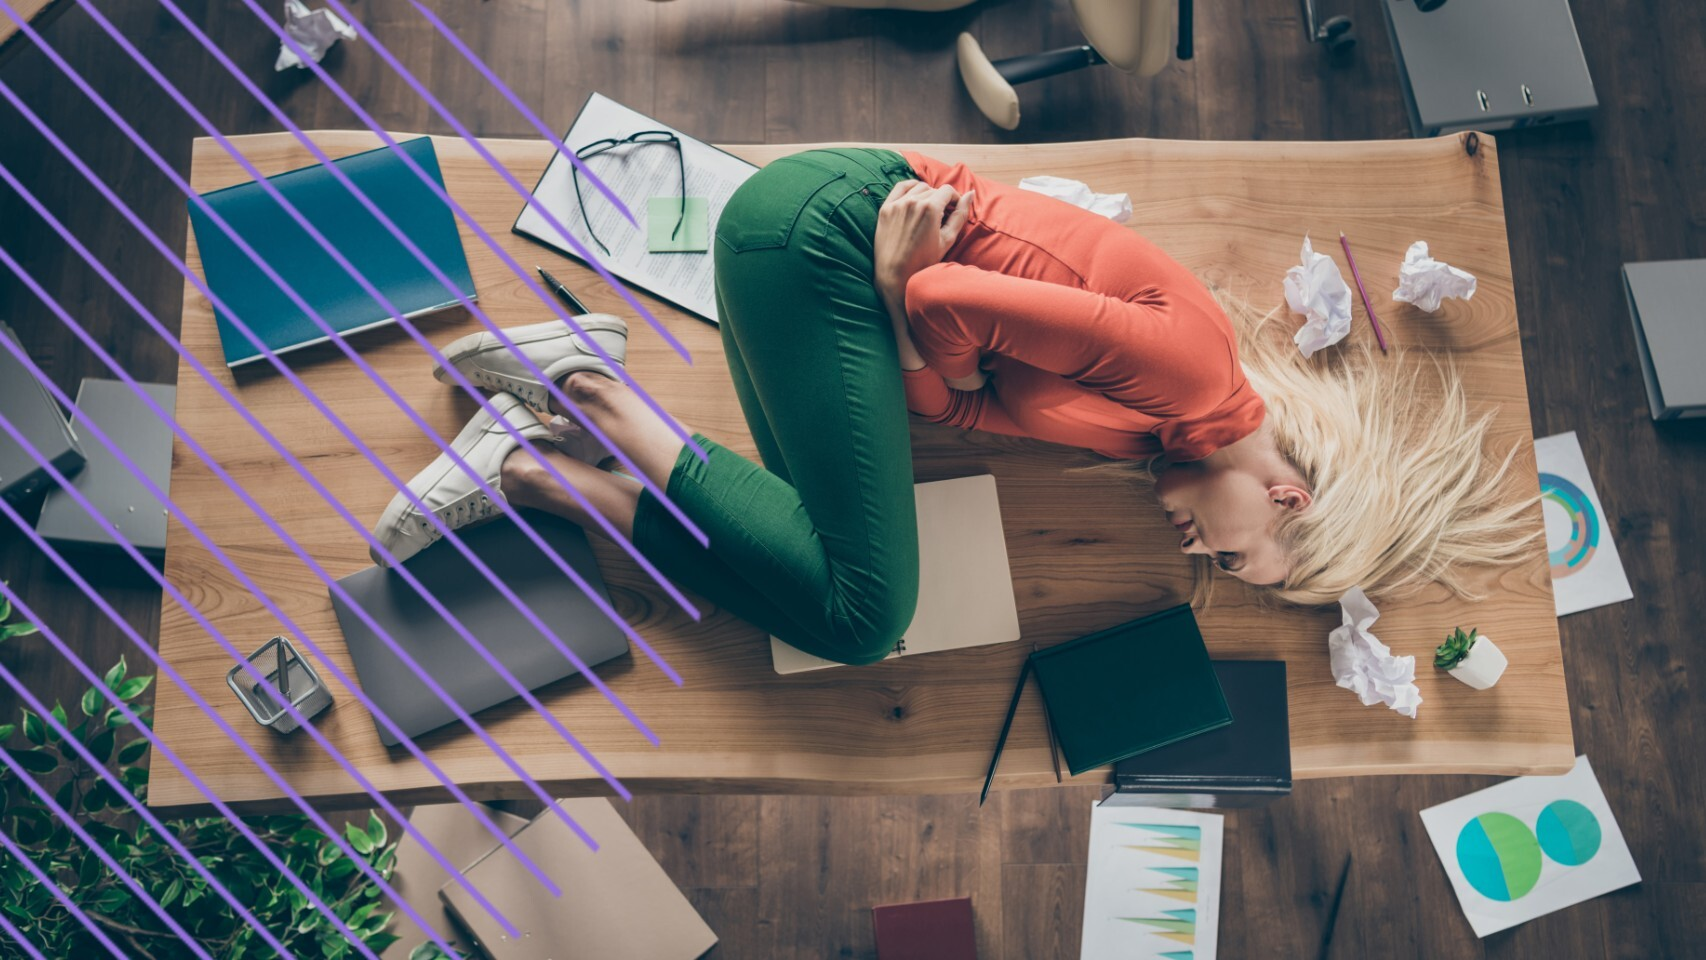 Una mujer con dolores provocados por la menstruación en su entorno laboral.